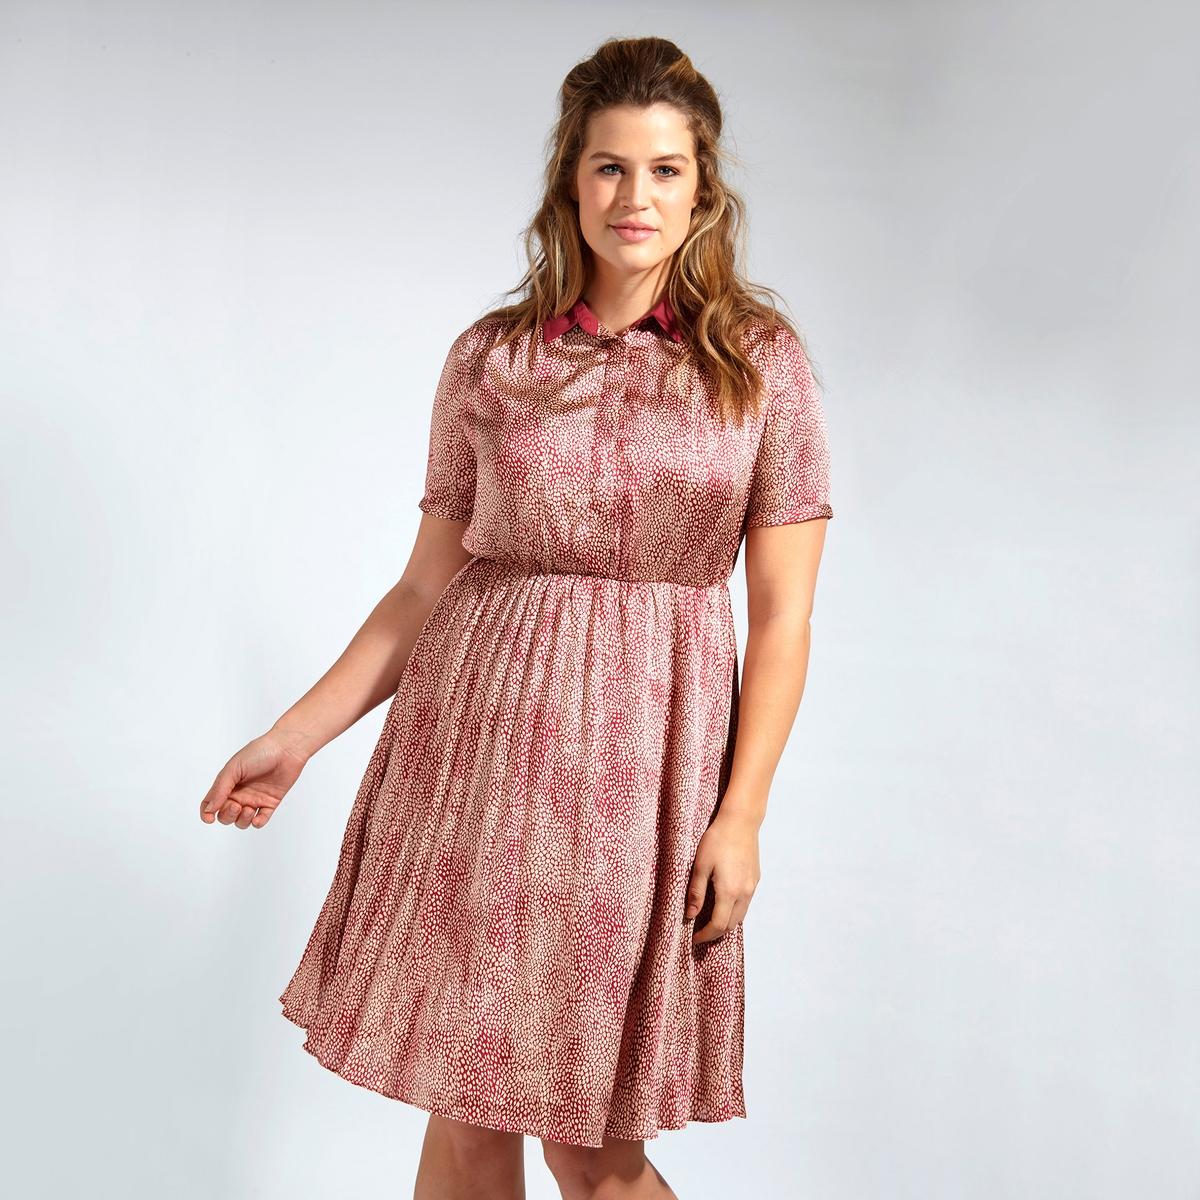 ПлатьеПлатье LOVEDROBE. Красивое платье с рубашечным воротником на пуговицах . Эффект плиссировки снизу  . 100% полиэстер<br><br>Цвет: набивной рисунок<br>Размер: 44 (FR) - 50 (RUS).48 (FR) - 54 (RUS).50/52 (FR) - 56/58 (RUS).54/56 (FR) - 60/62 (RUS)